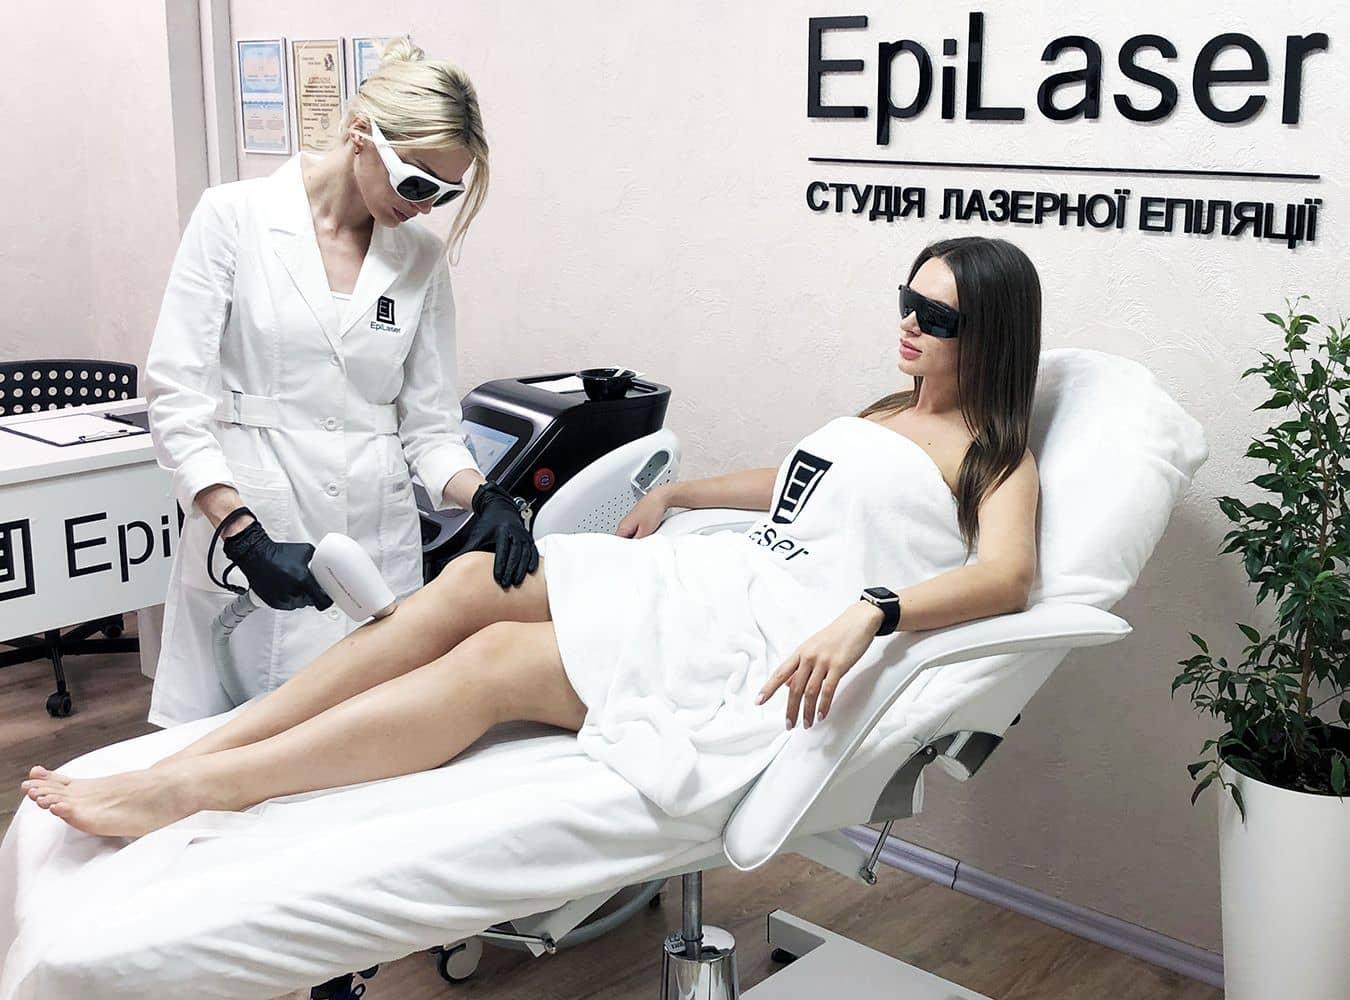 лазерная эпиляция в киеве